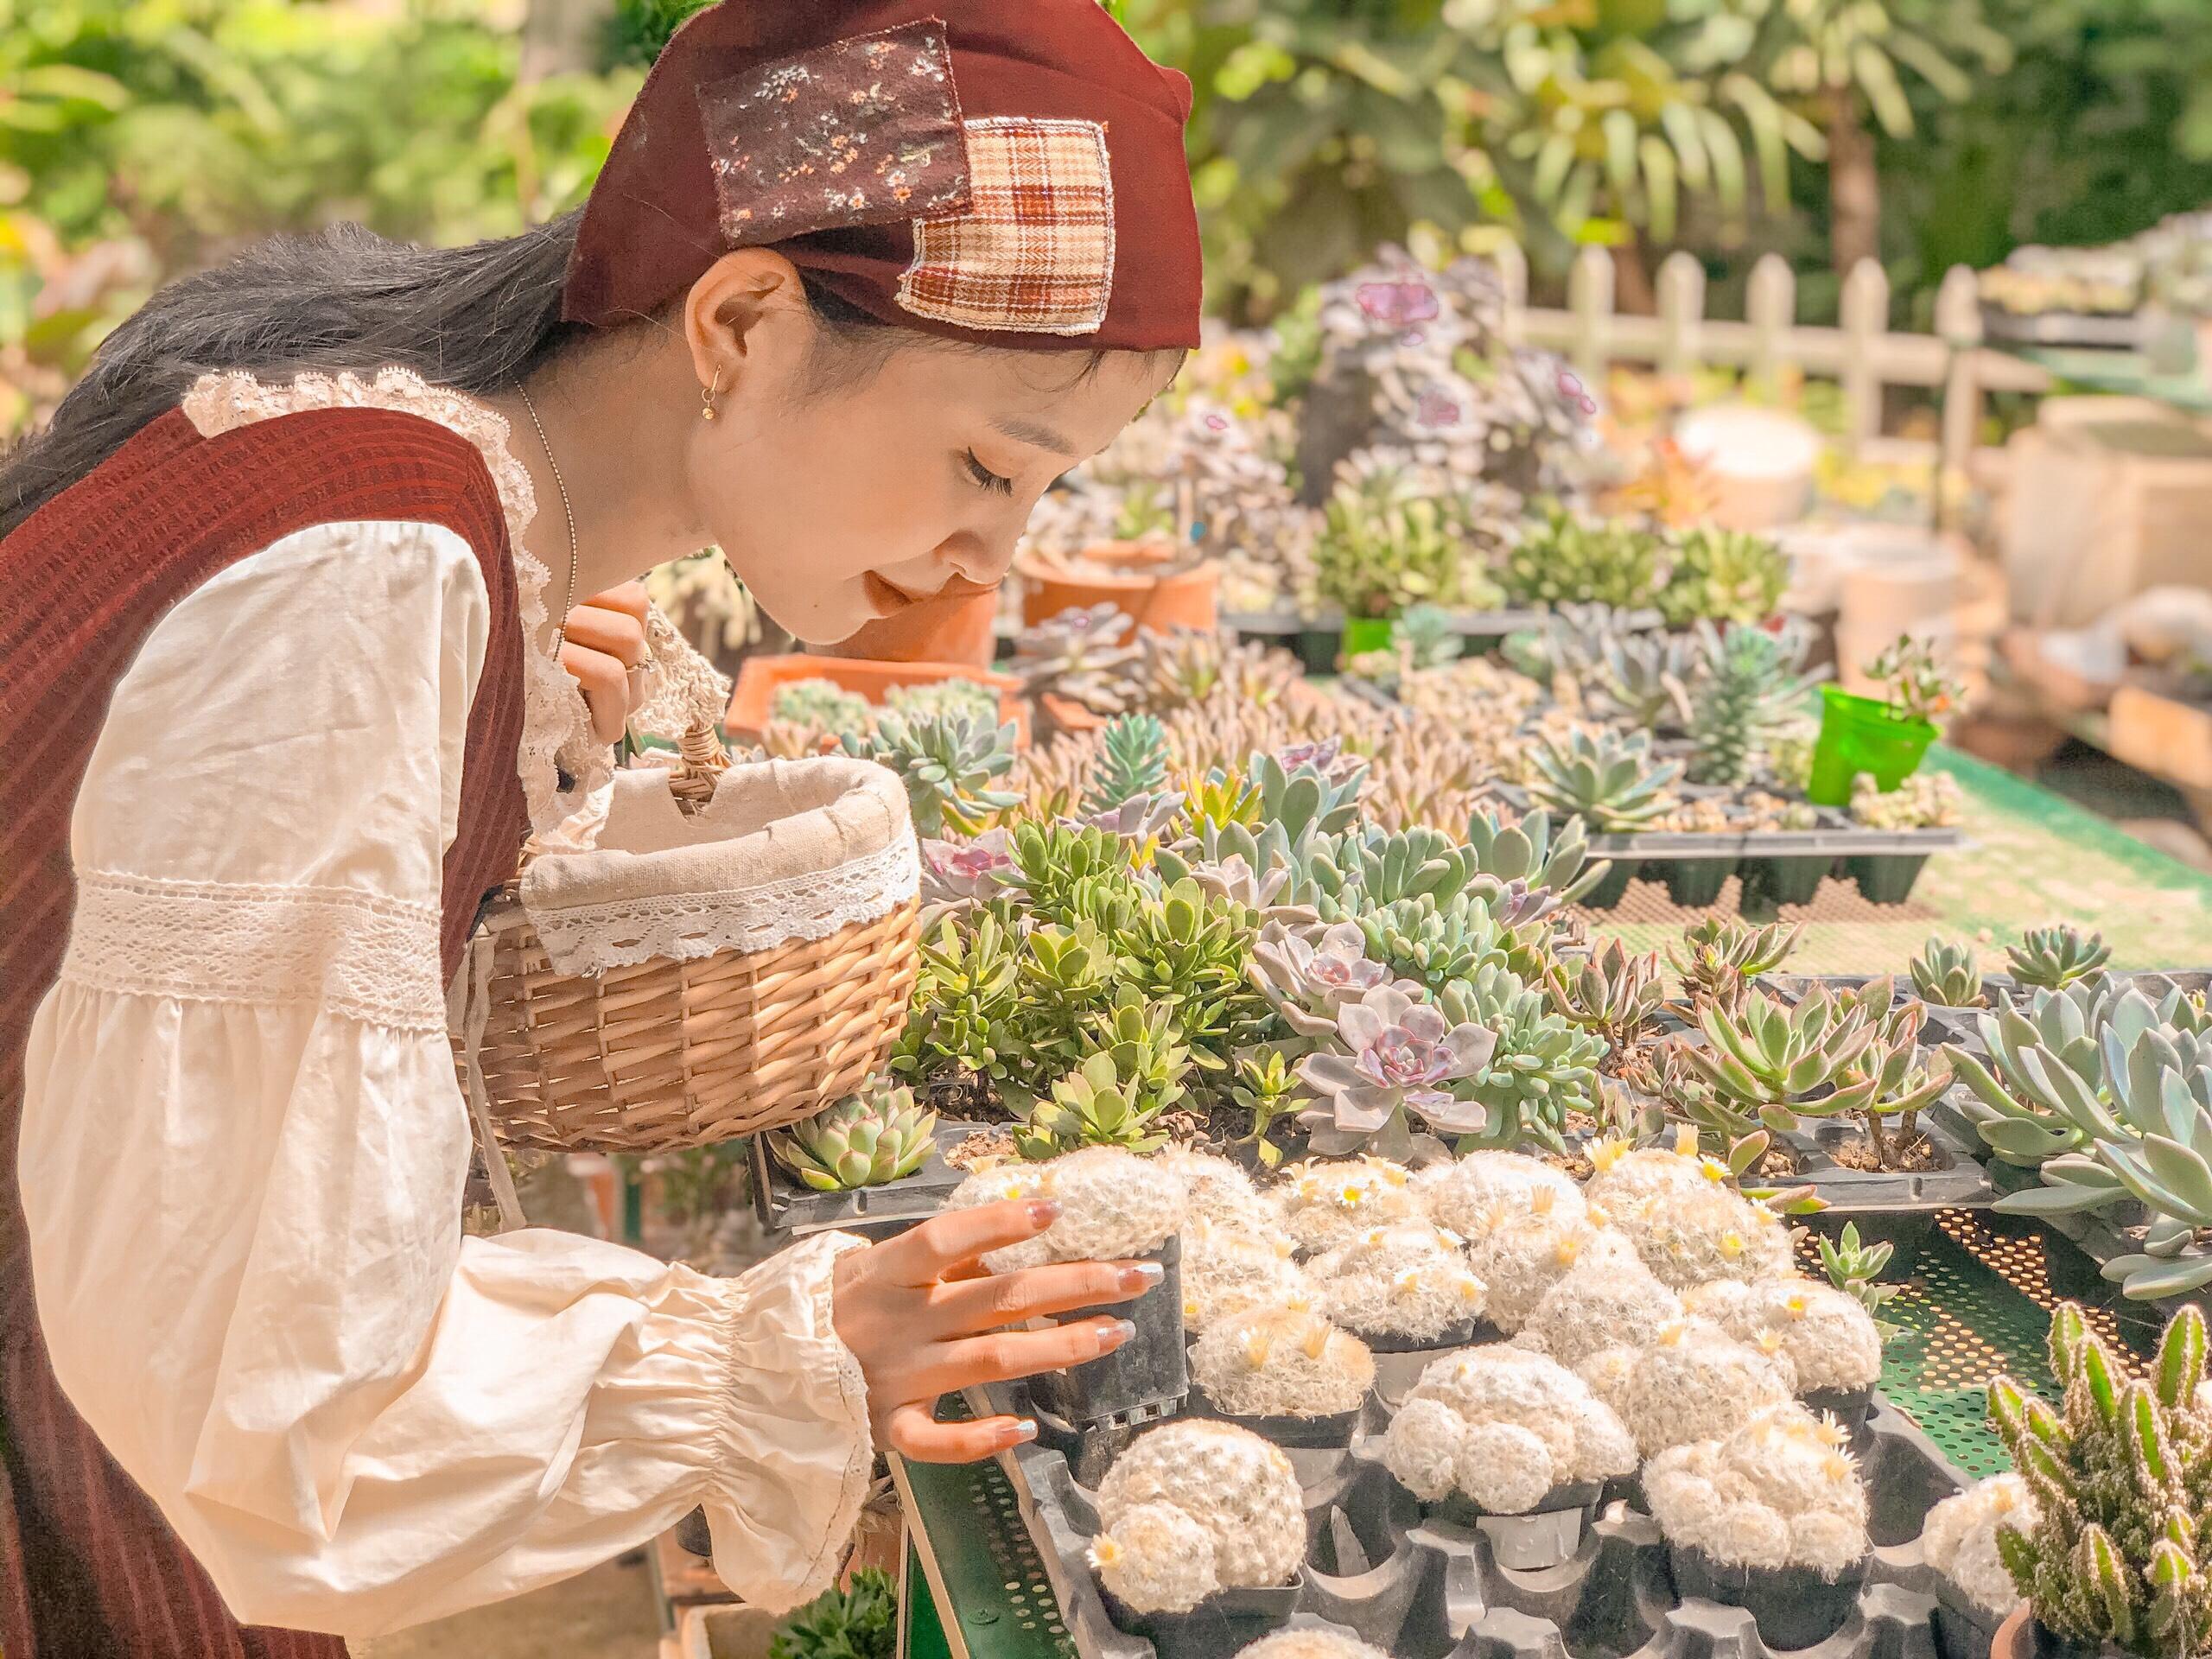 Vườn sen đá để bạn mua về làm quà lưu niệm cho bạn bè